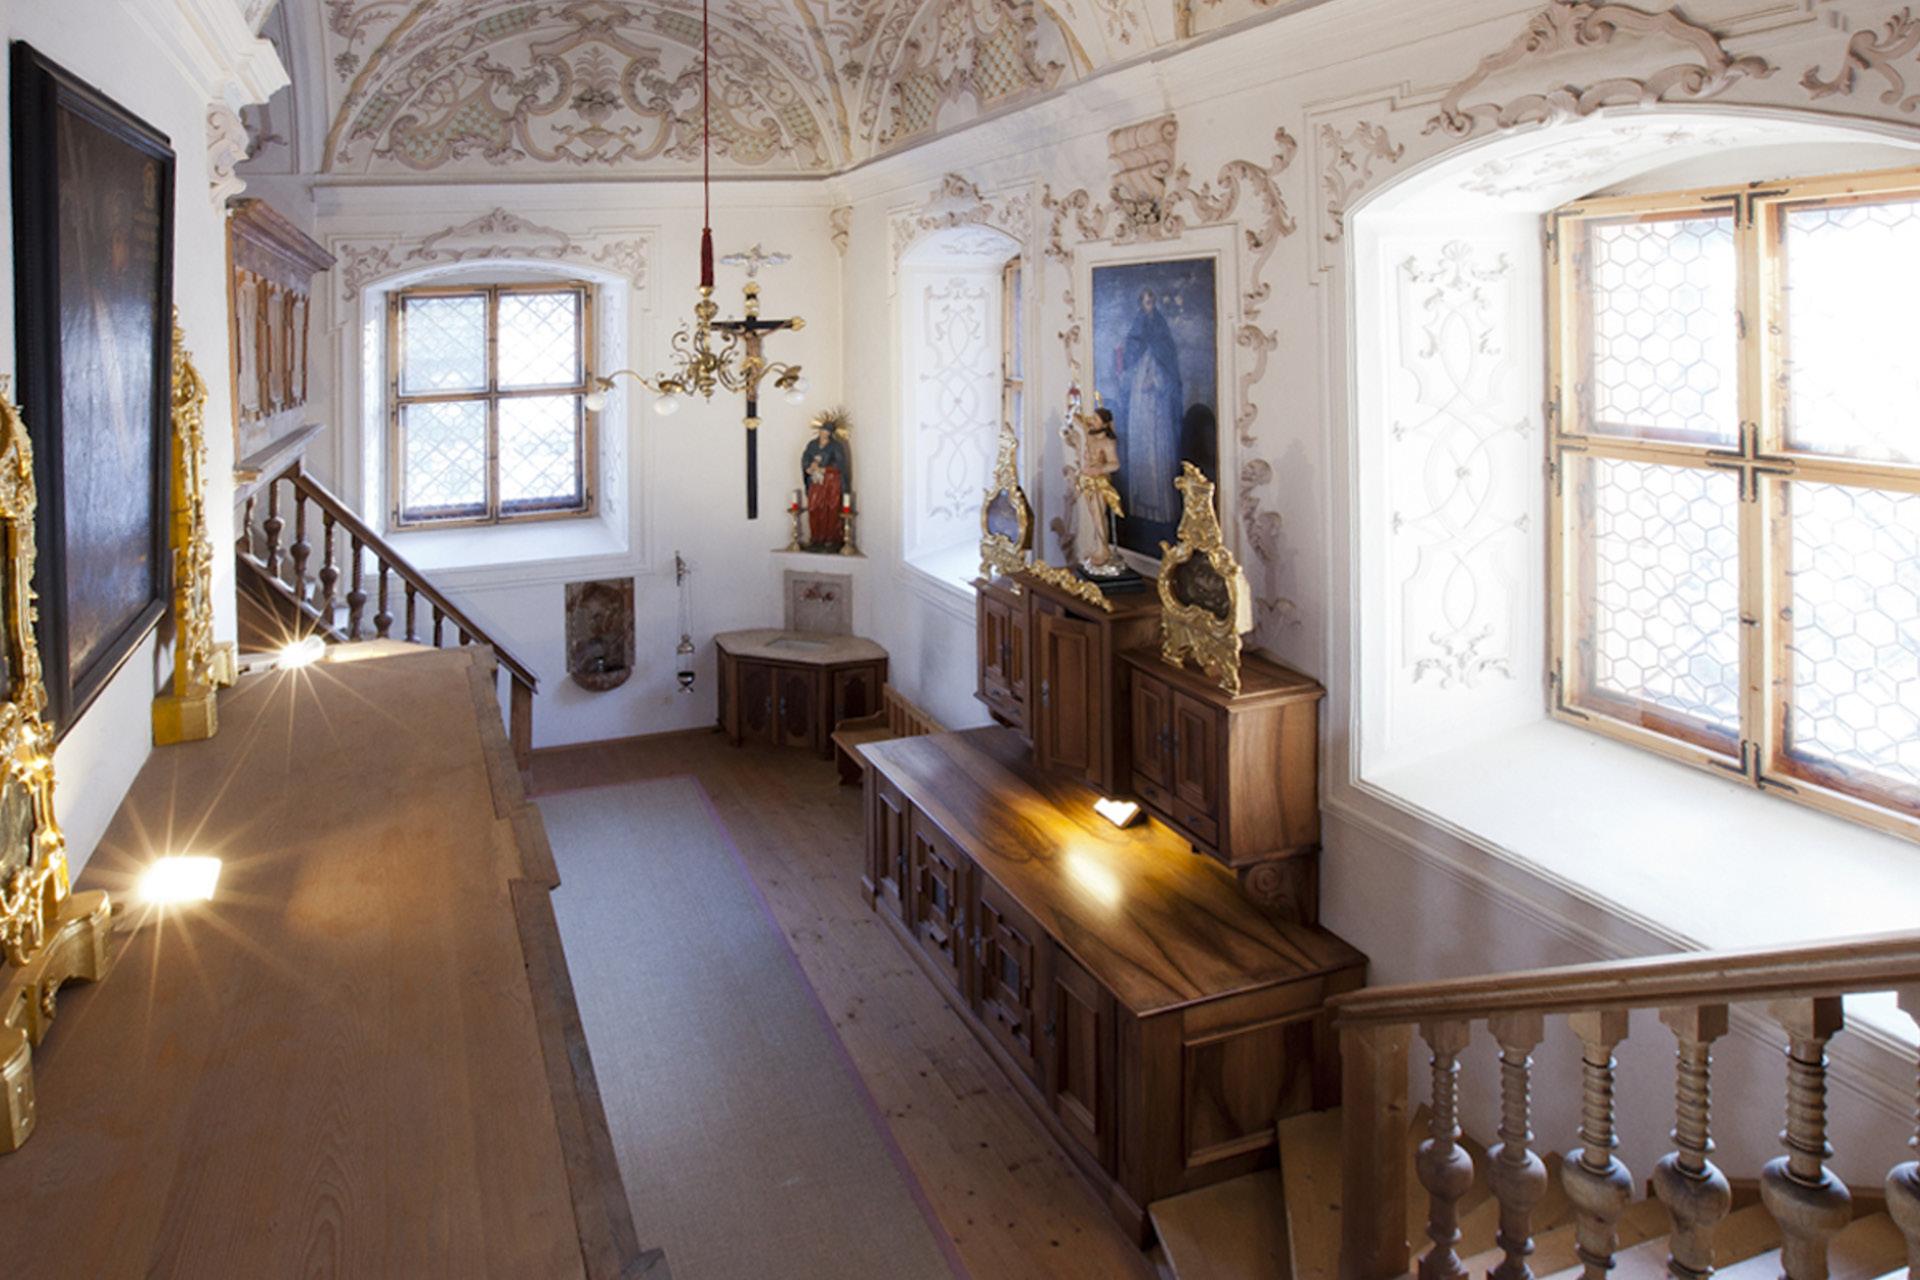 tischlerei-decker-meisterbetrieb-tirol-basilika-mariathal-sakristei-ueberblick